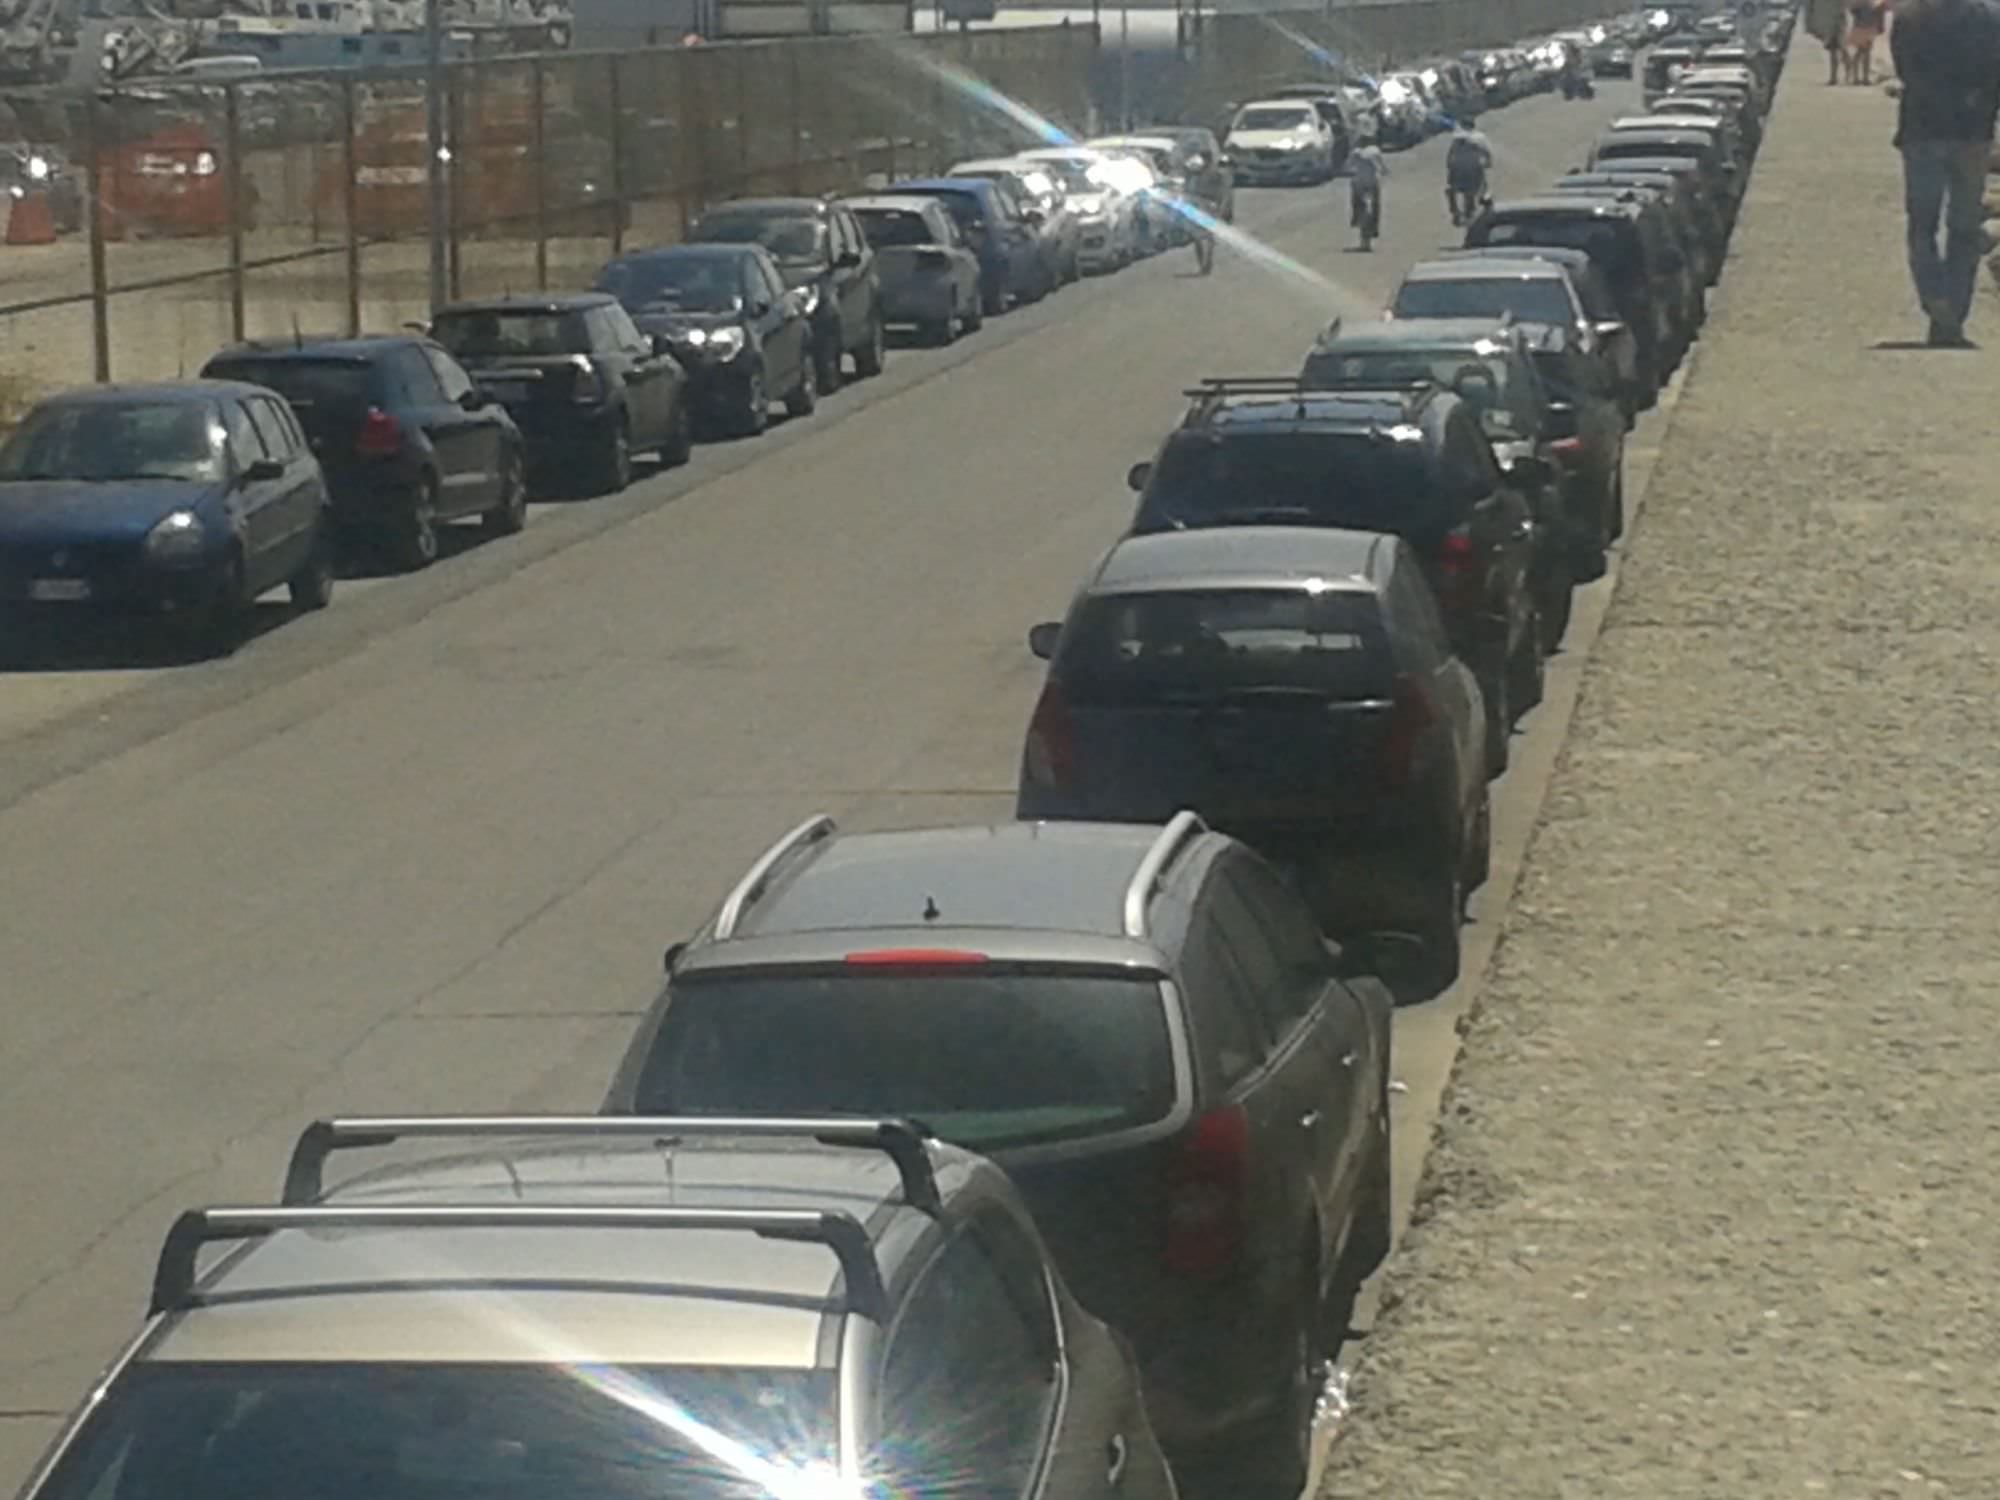 Auto danneggiate in pieno giorno lungo la diga foranea in Darsena